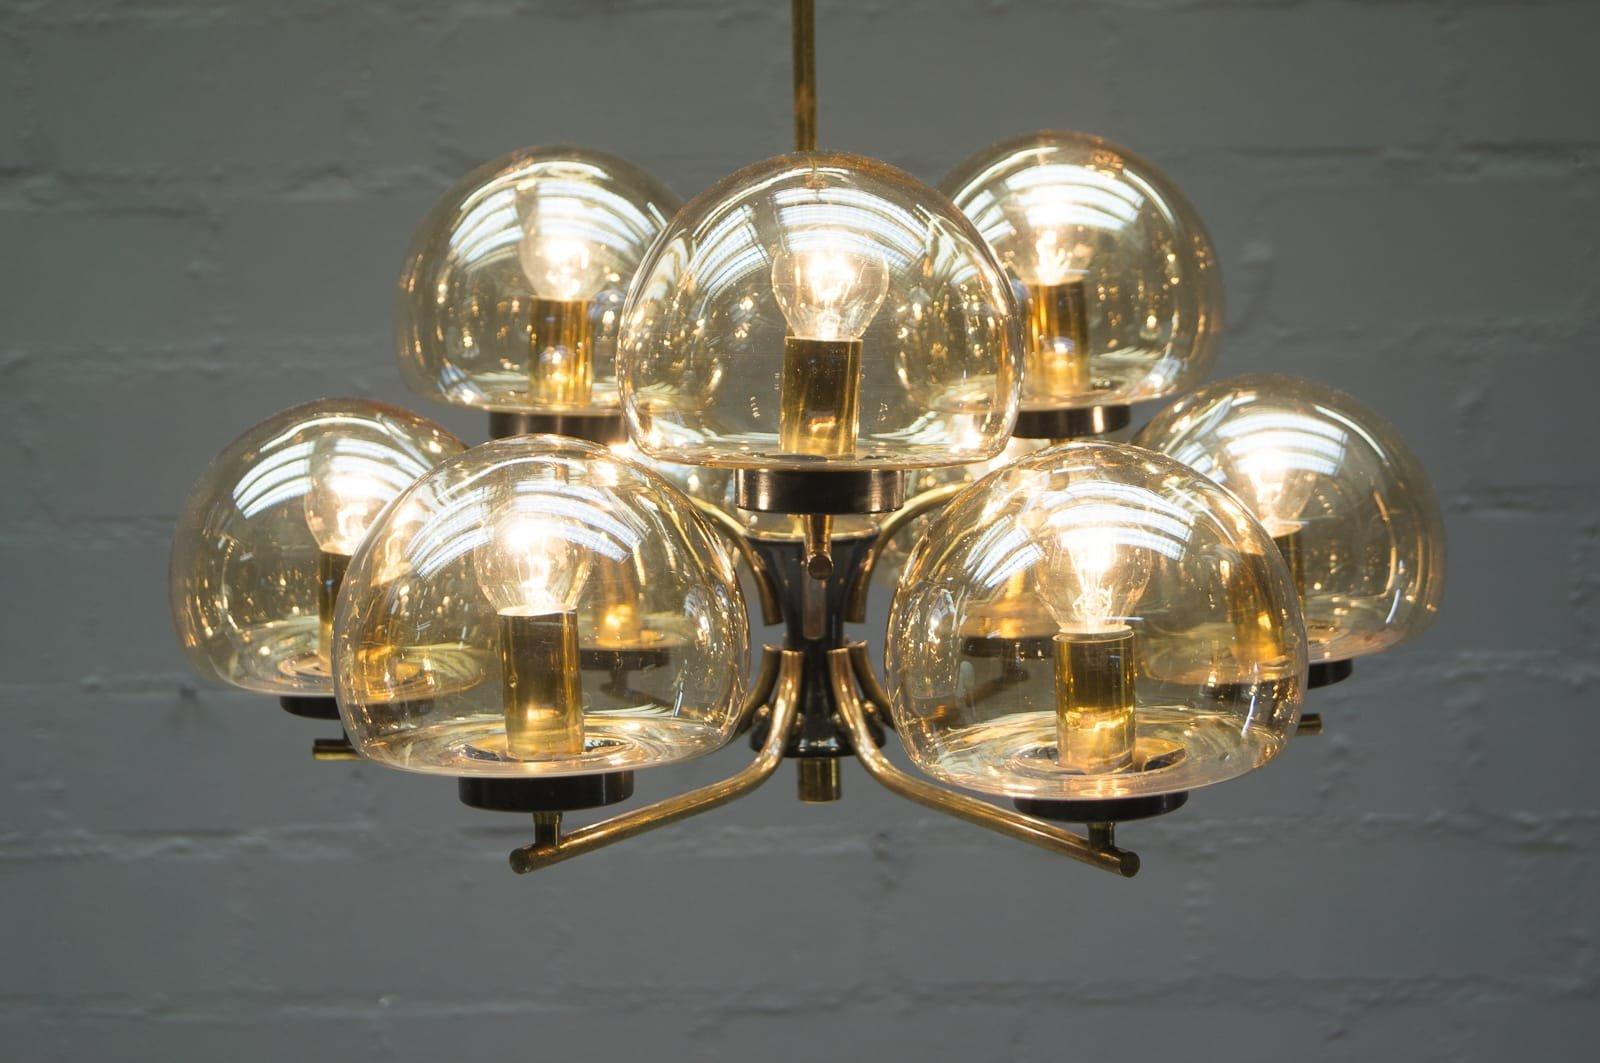 Lampadario Con Sfere Di Cristallo.Lampadario Con Sfere Di Vetro Lampadario Moderno Circolare Led A 3